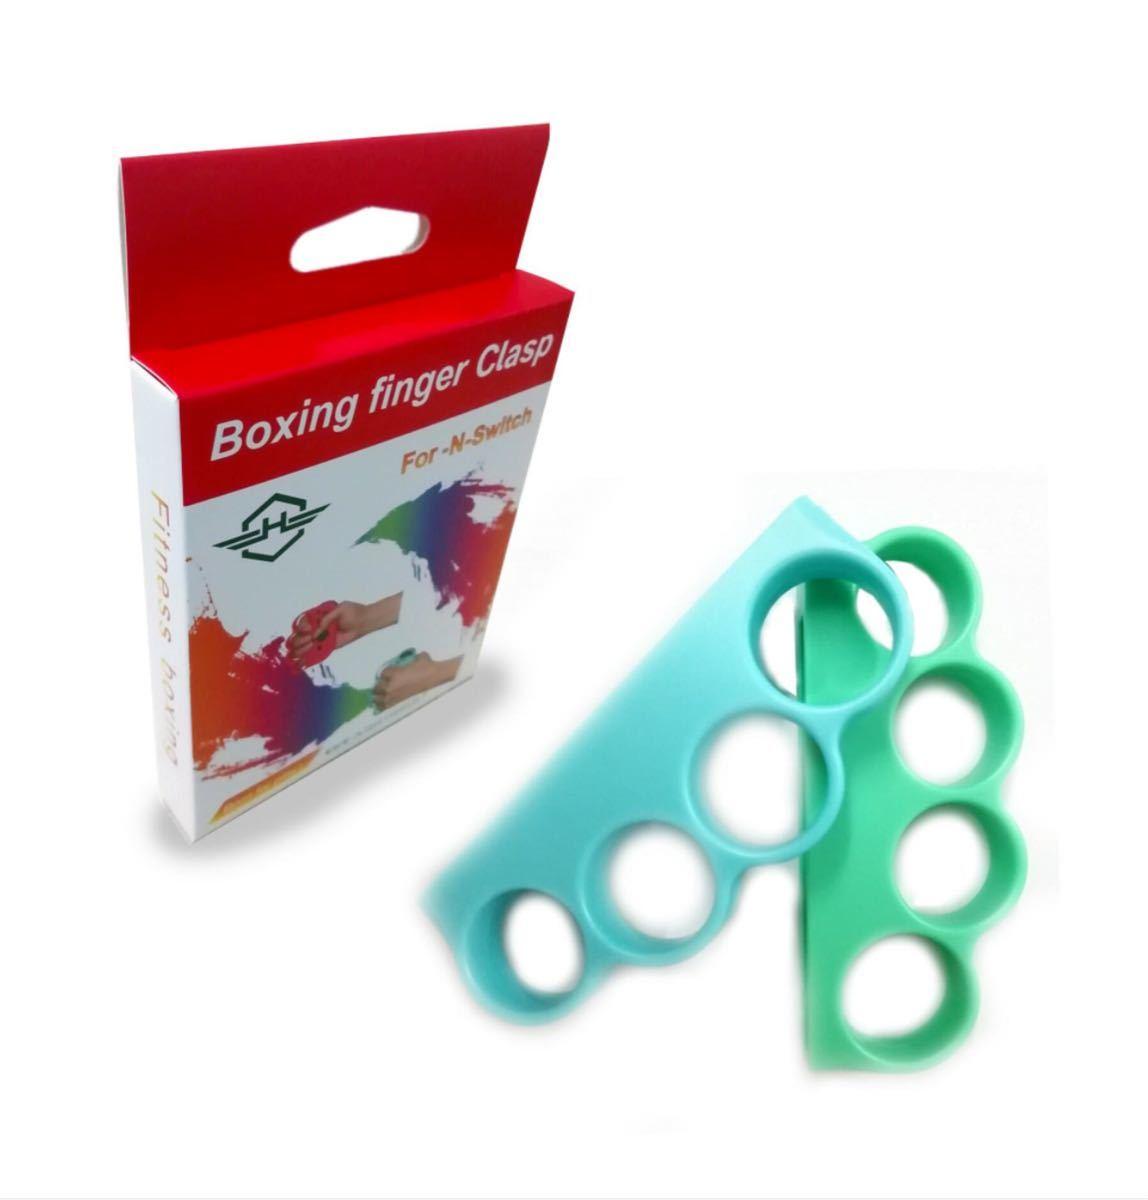 フィットボクシング コントローラーグリップ Switch ジョイコン 青と緑